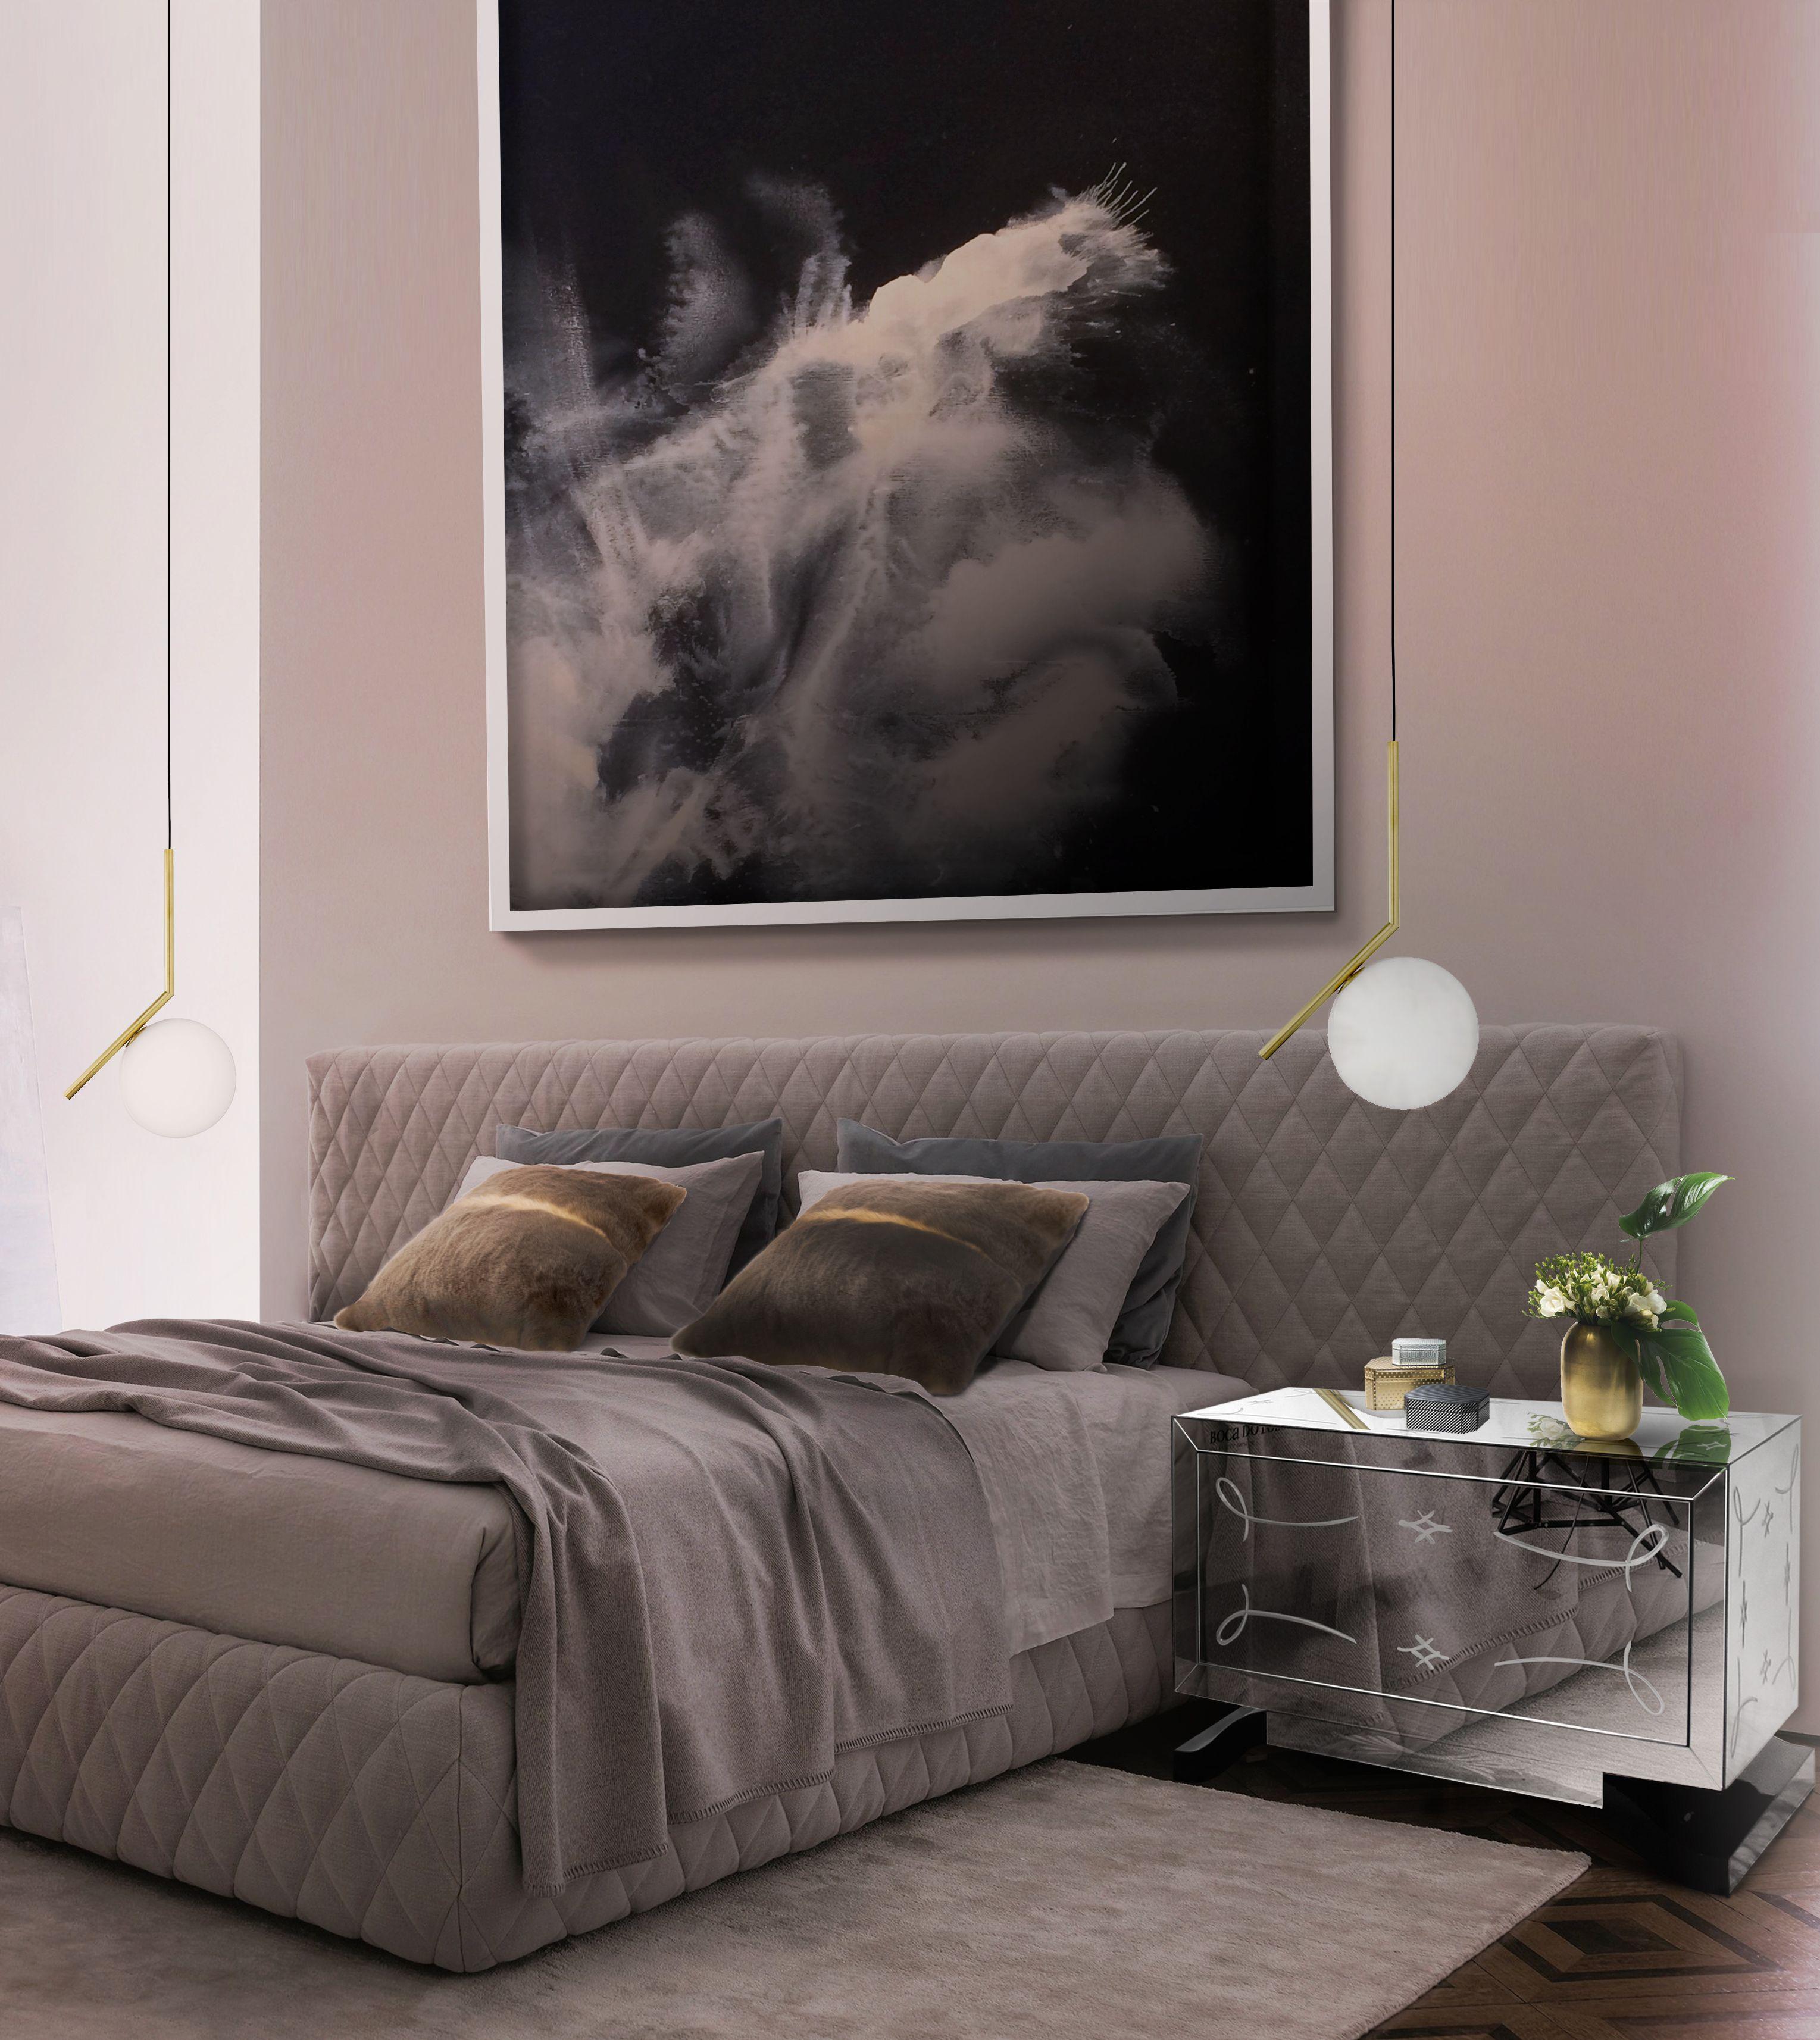 Simple Bedroom Lighting Bedroom Furniture South Africa Bedroom Bench Ebay Brown Bedroom Colour Schemes: Metropolitan Nightstand Exclusive Furniture